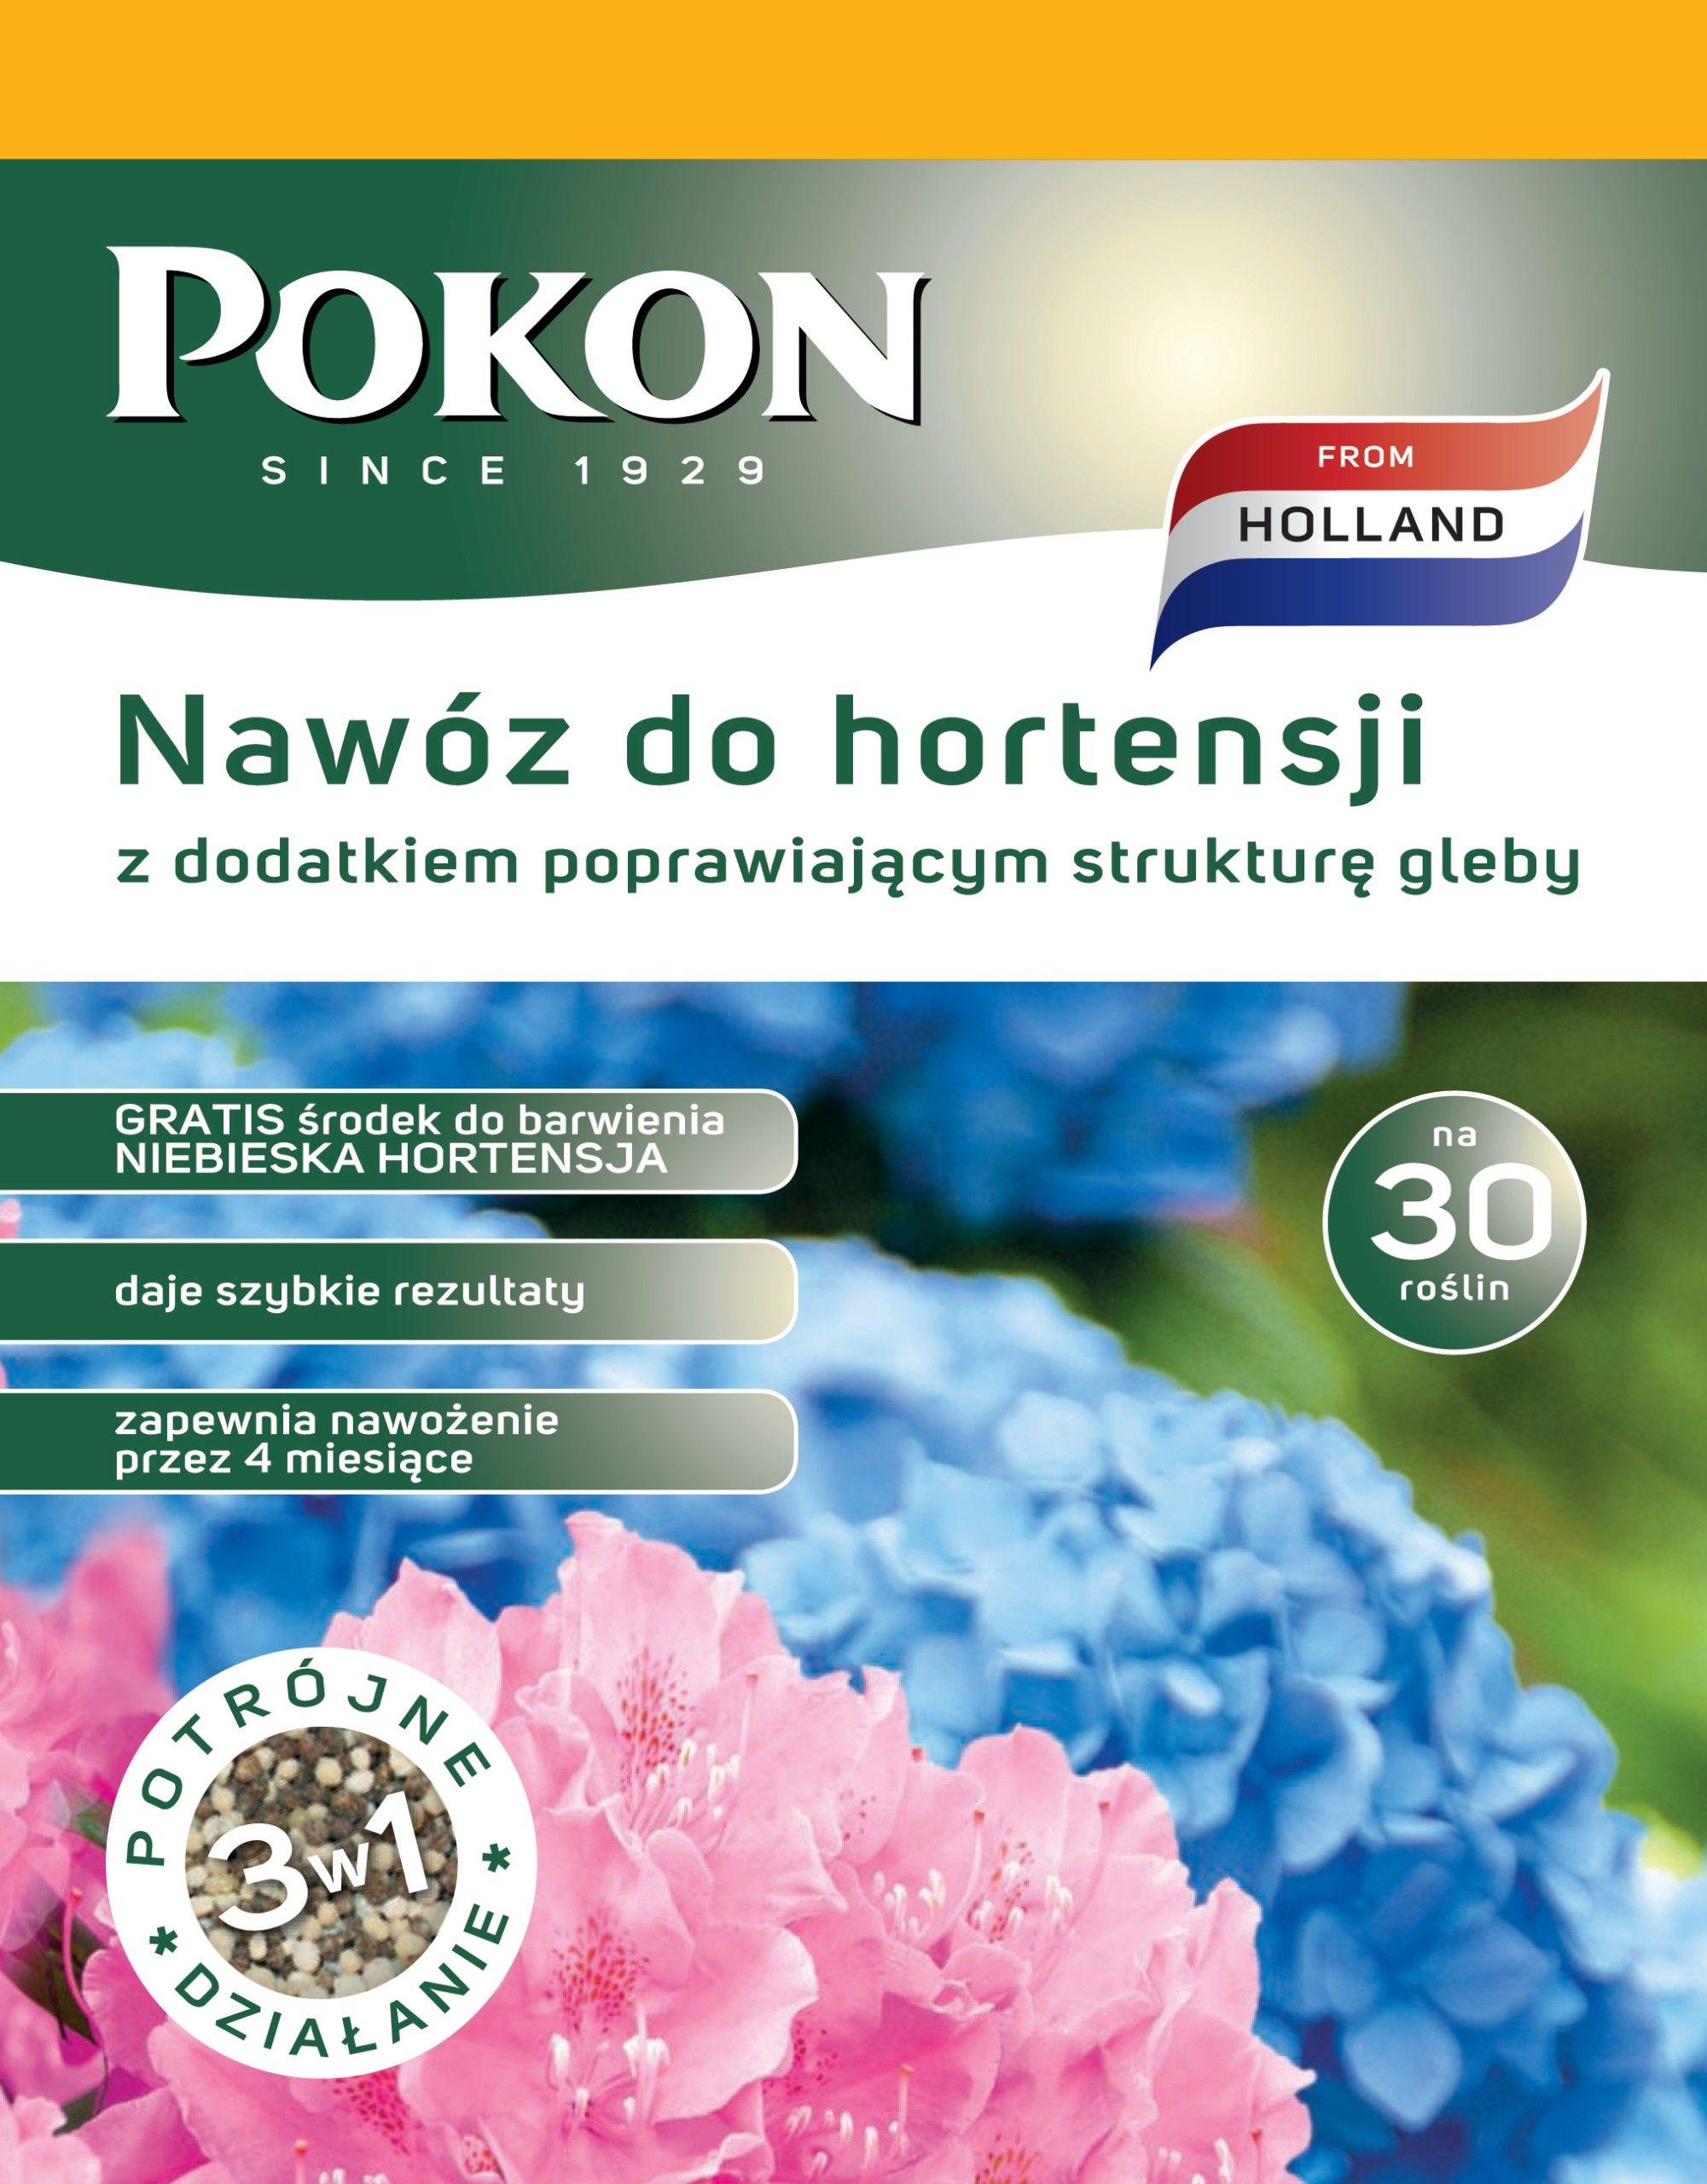 Pokon Nawoz Do Hortensji 3w1 1kg Niebieski Barwnik 6879880875 Oficjalne Archiwum Allegro